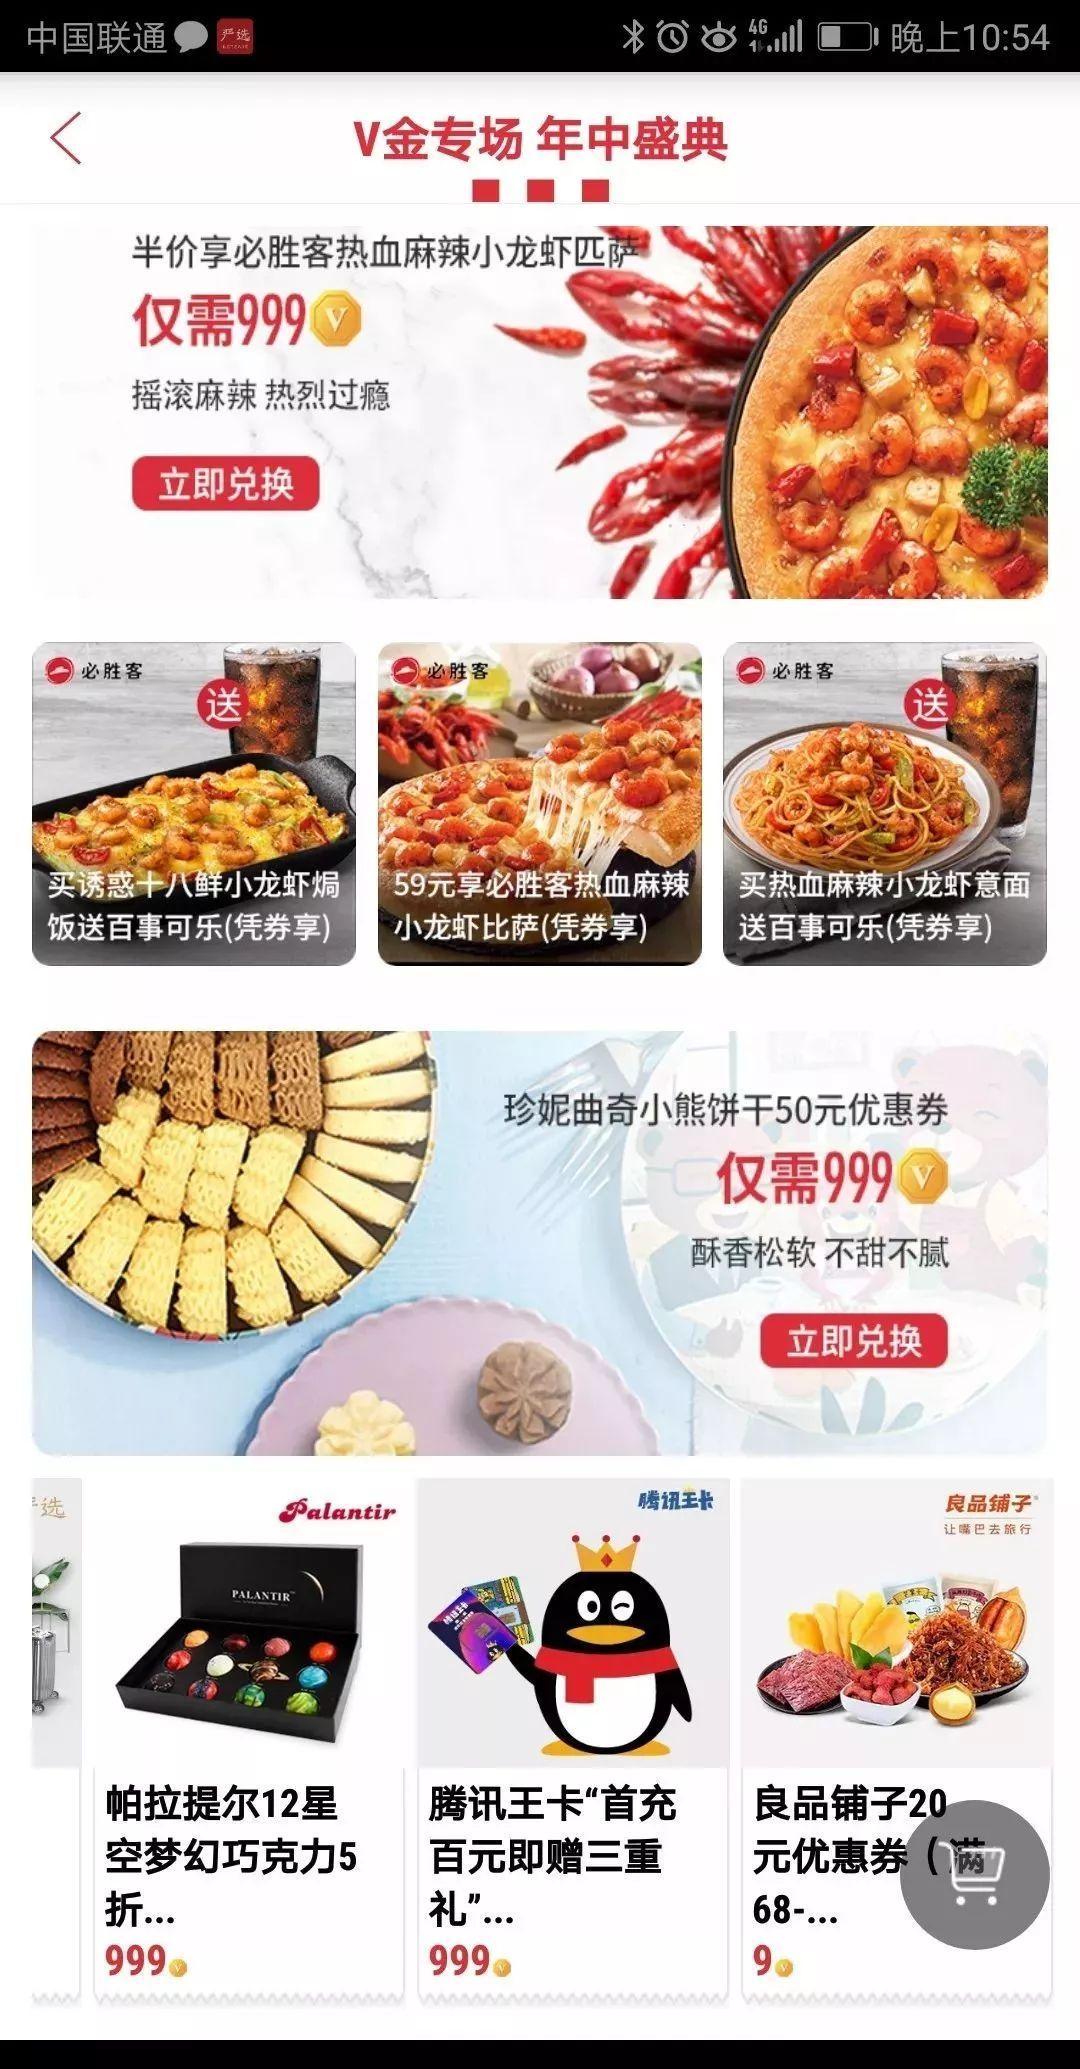 """肯德基重磅宣布:腾讯大王卡用户可以免费""""吃鸡""""了!"""